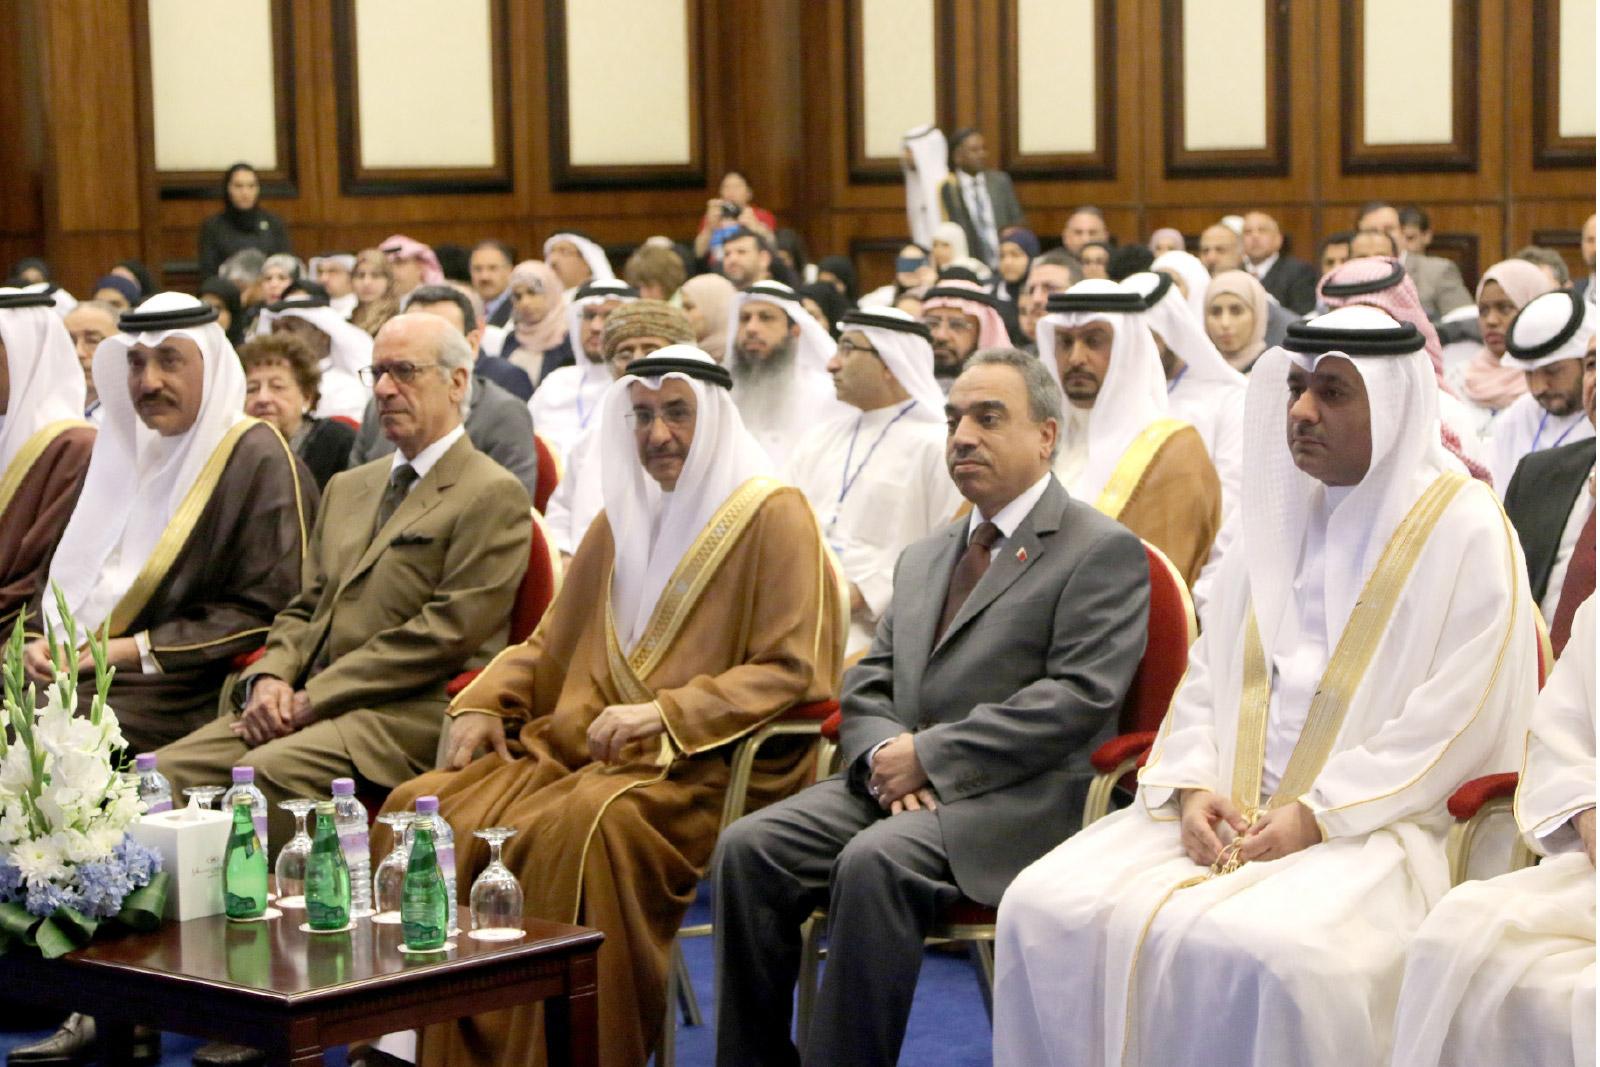 الشيخ خالد بن عبدالله: المؤتمر يبرهن على أهمية العمل ضمن المنظومة الخليجية